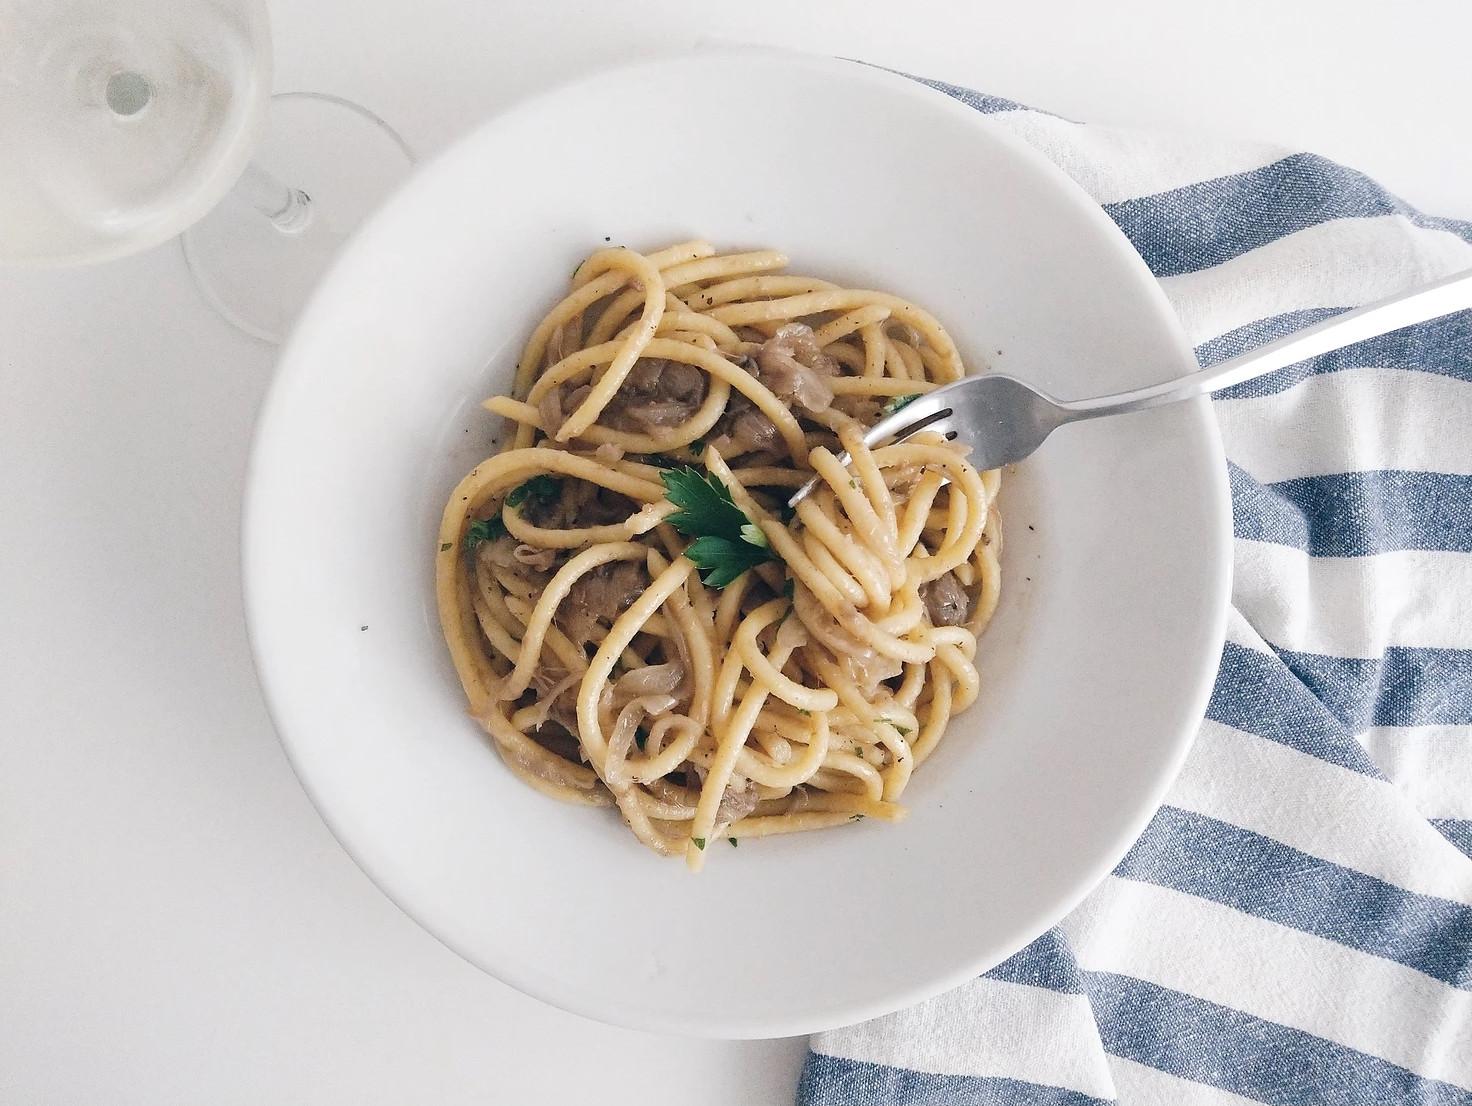 鹹甜滋味!威尼斯經典洋蔥鯷魚醬義大利麵